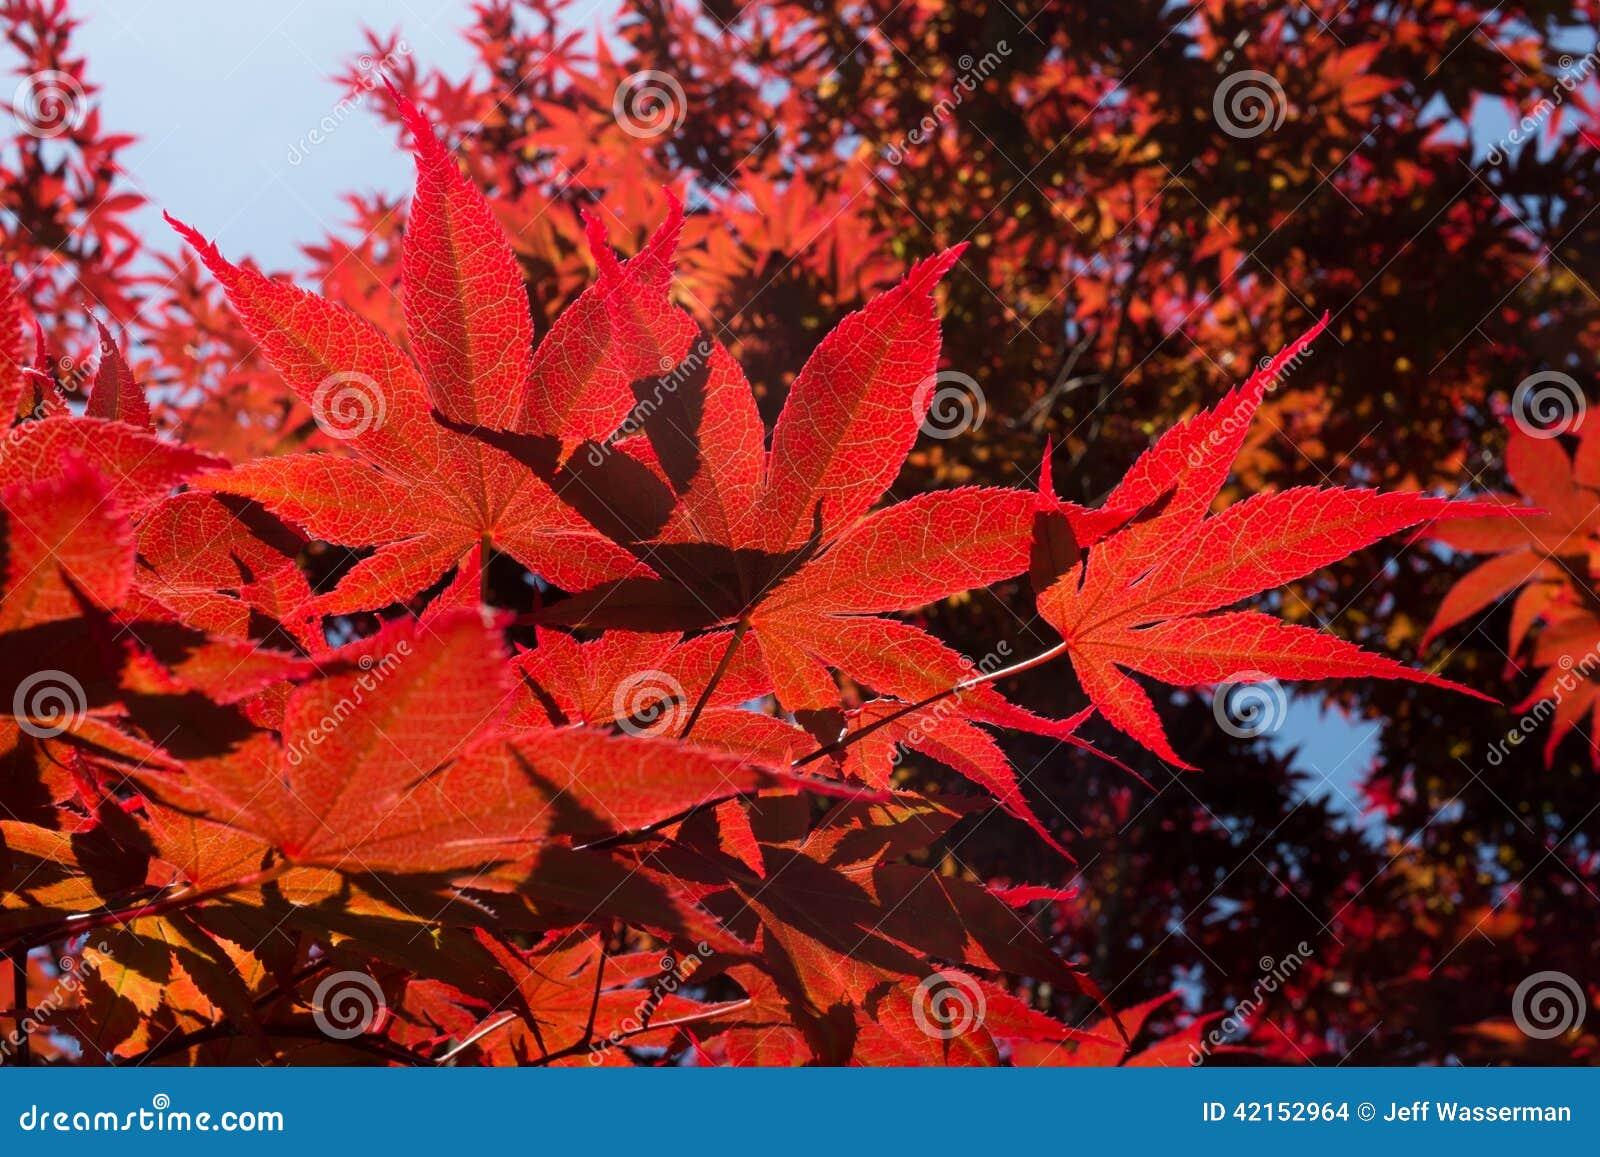 arbre d 39 rable japonais rouge photo stock image 42152964. Black Bedroom Furniture Sets. Home Design Ideas